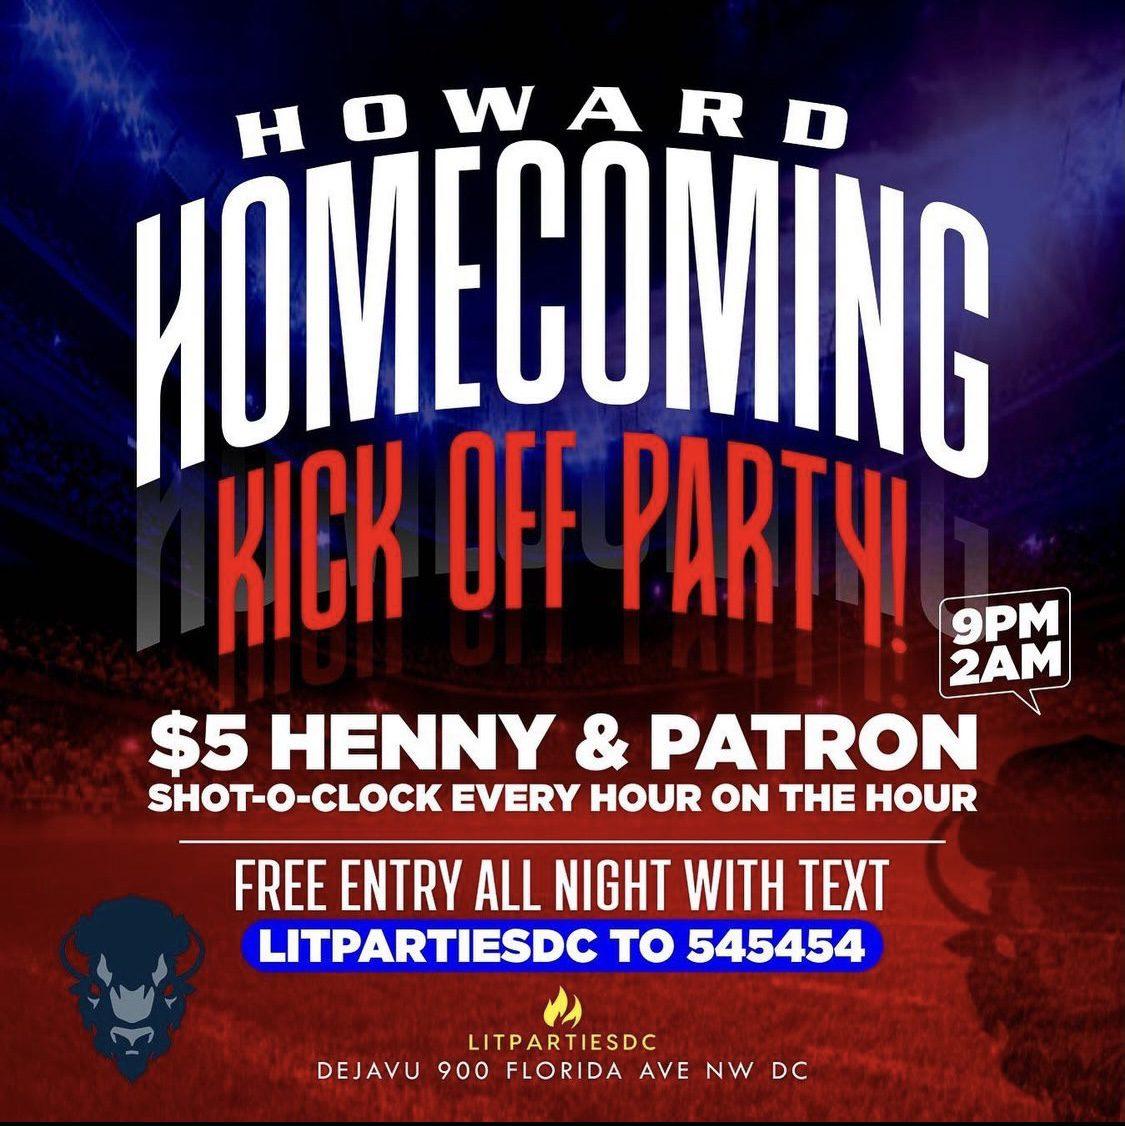 Howard Homecoming Kick Off Party